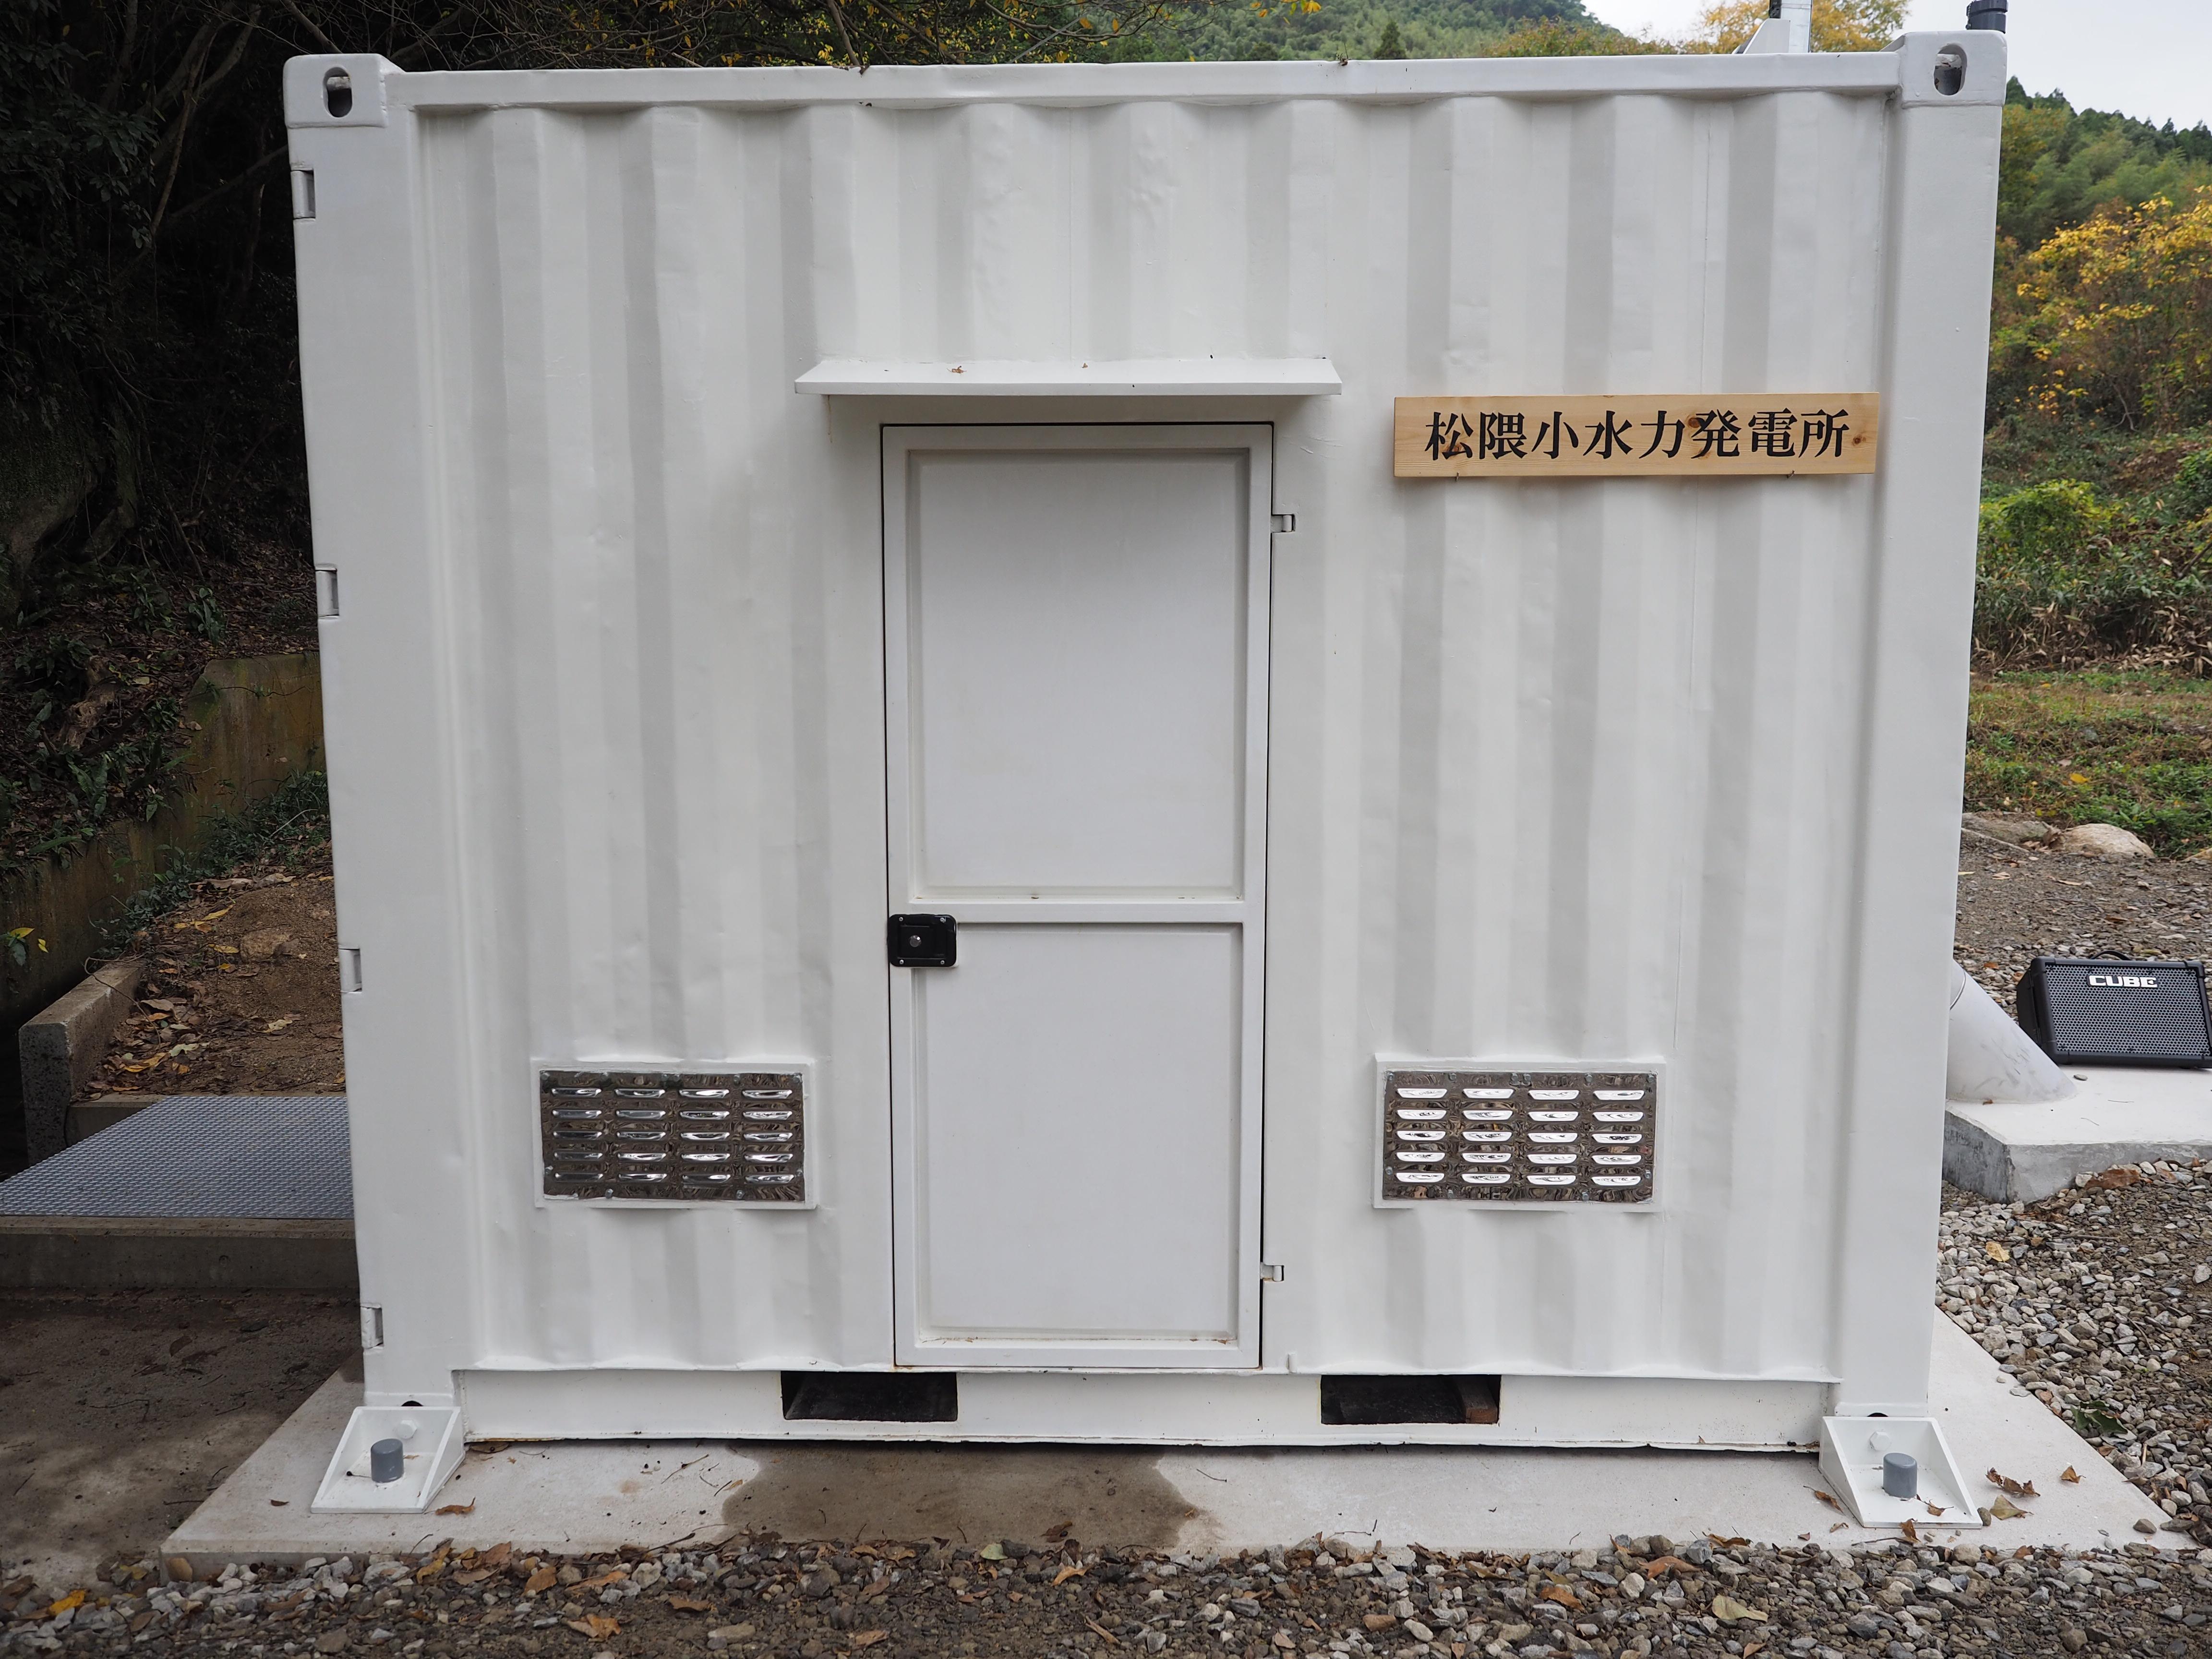 コンテナ型発電所